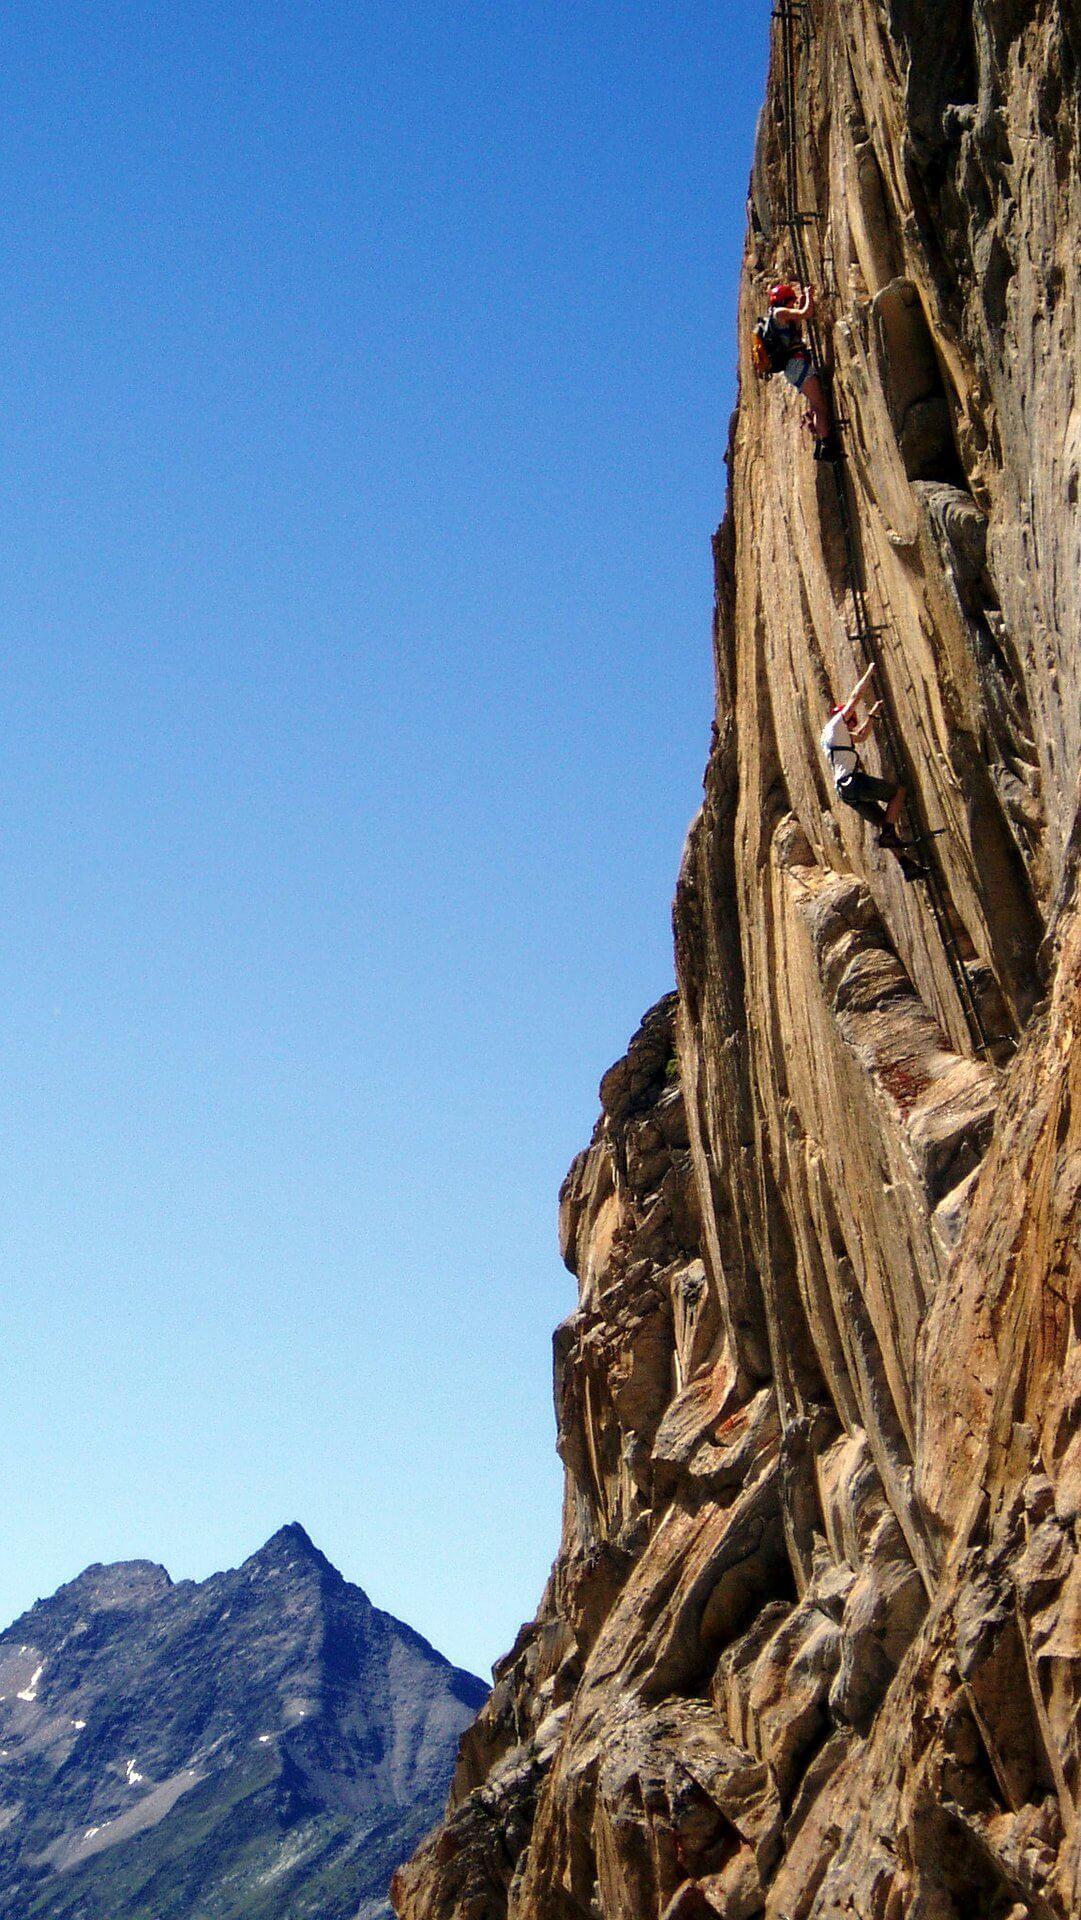 Eher kurze, aber sehr anstrengende Klettersteig auf die Rote Säule.